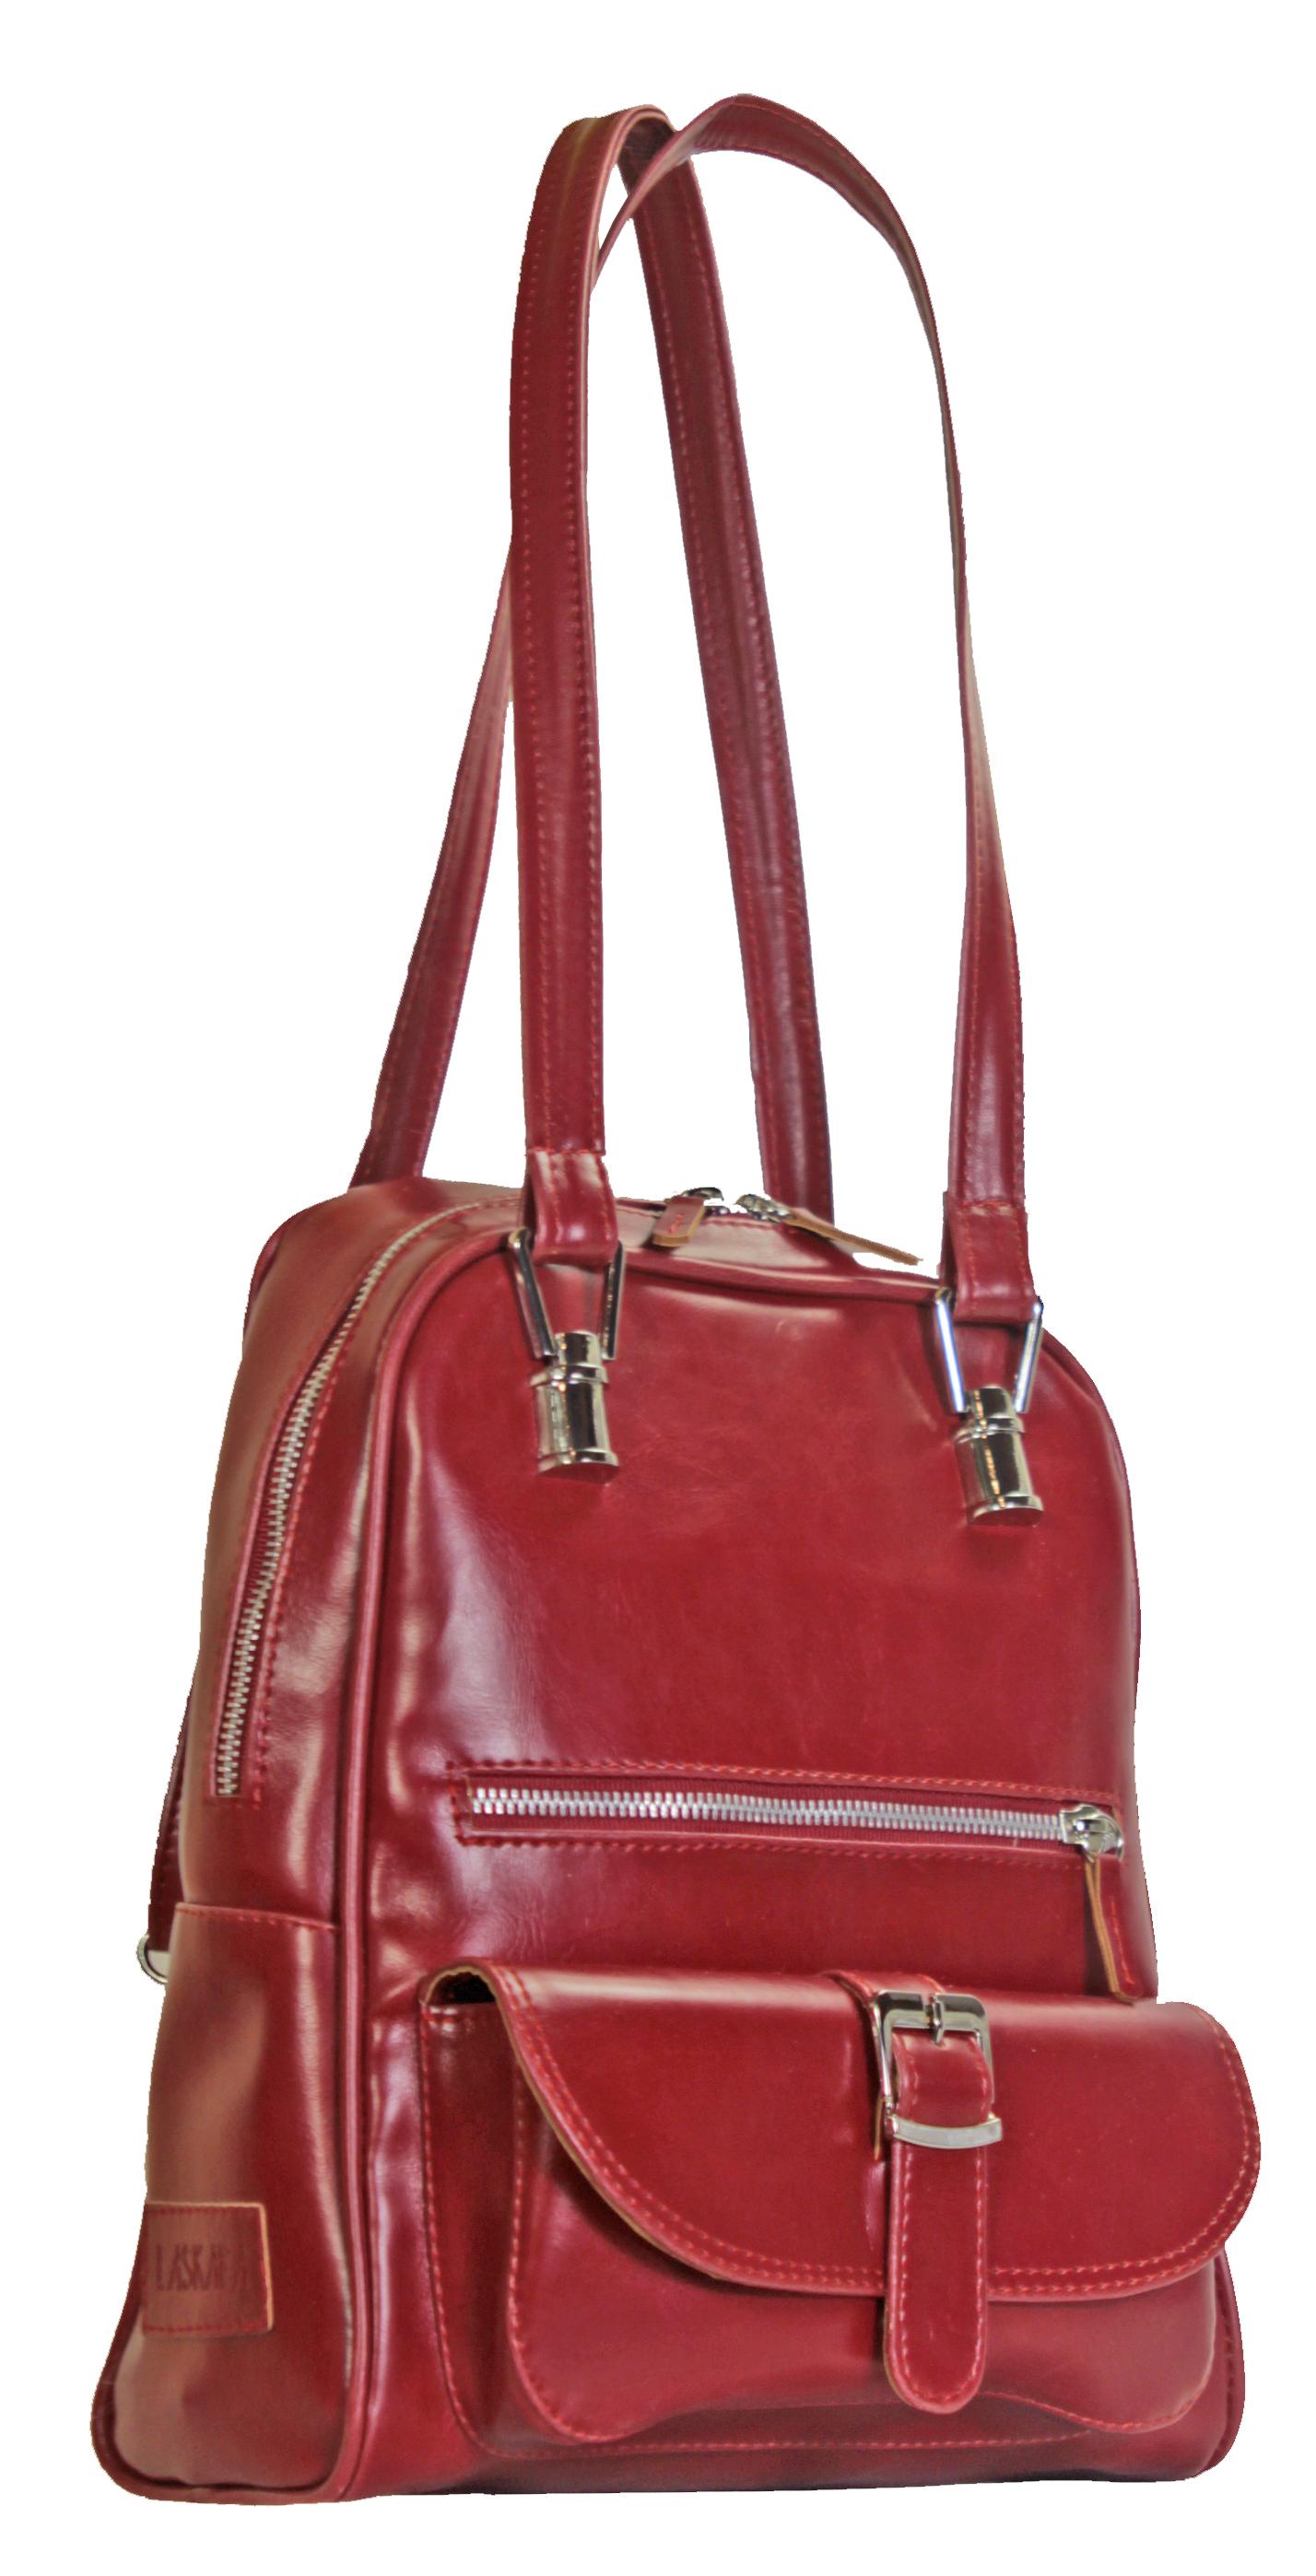 Multifunkční batůžek v červené barvě 11-10237-red - boční pohled